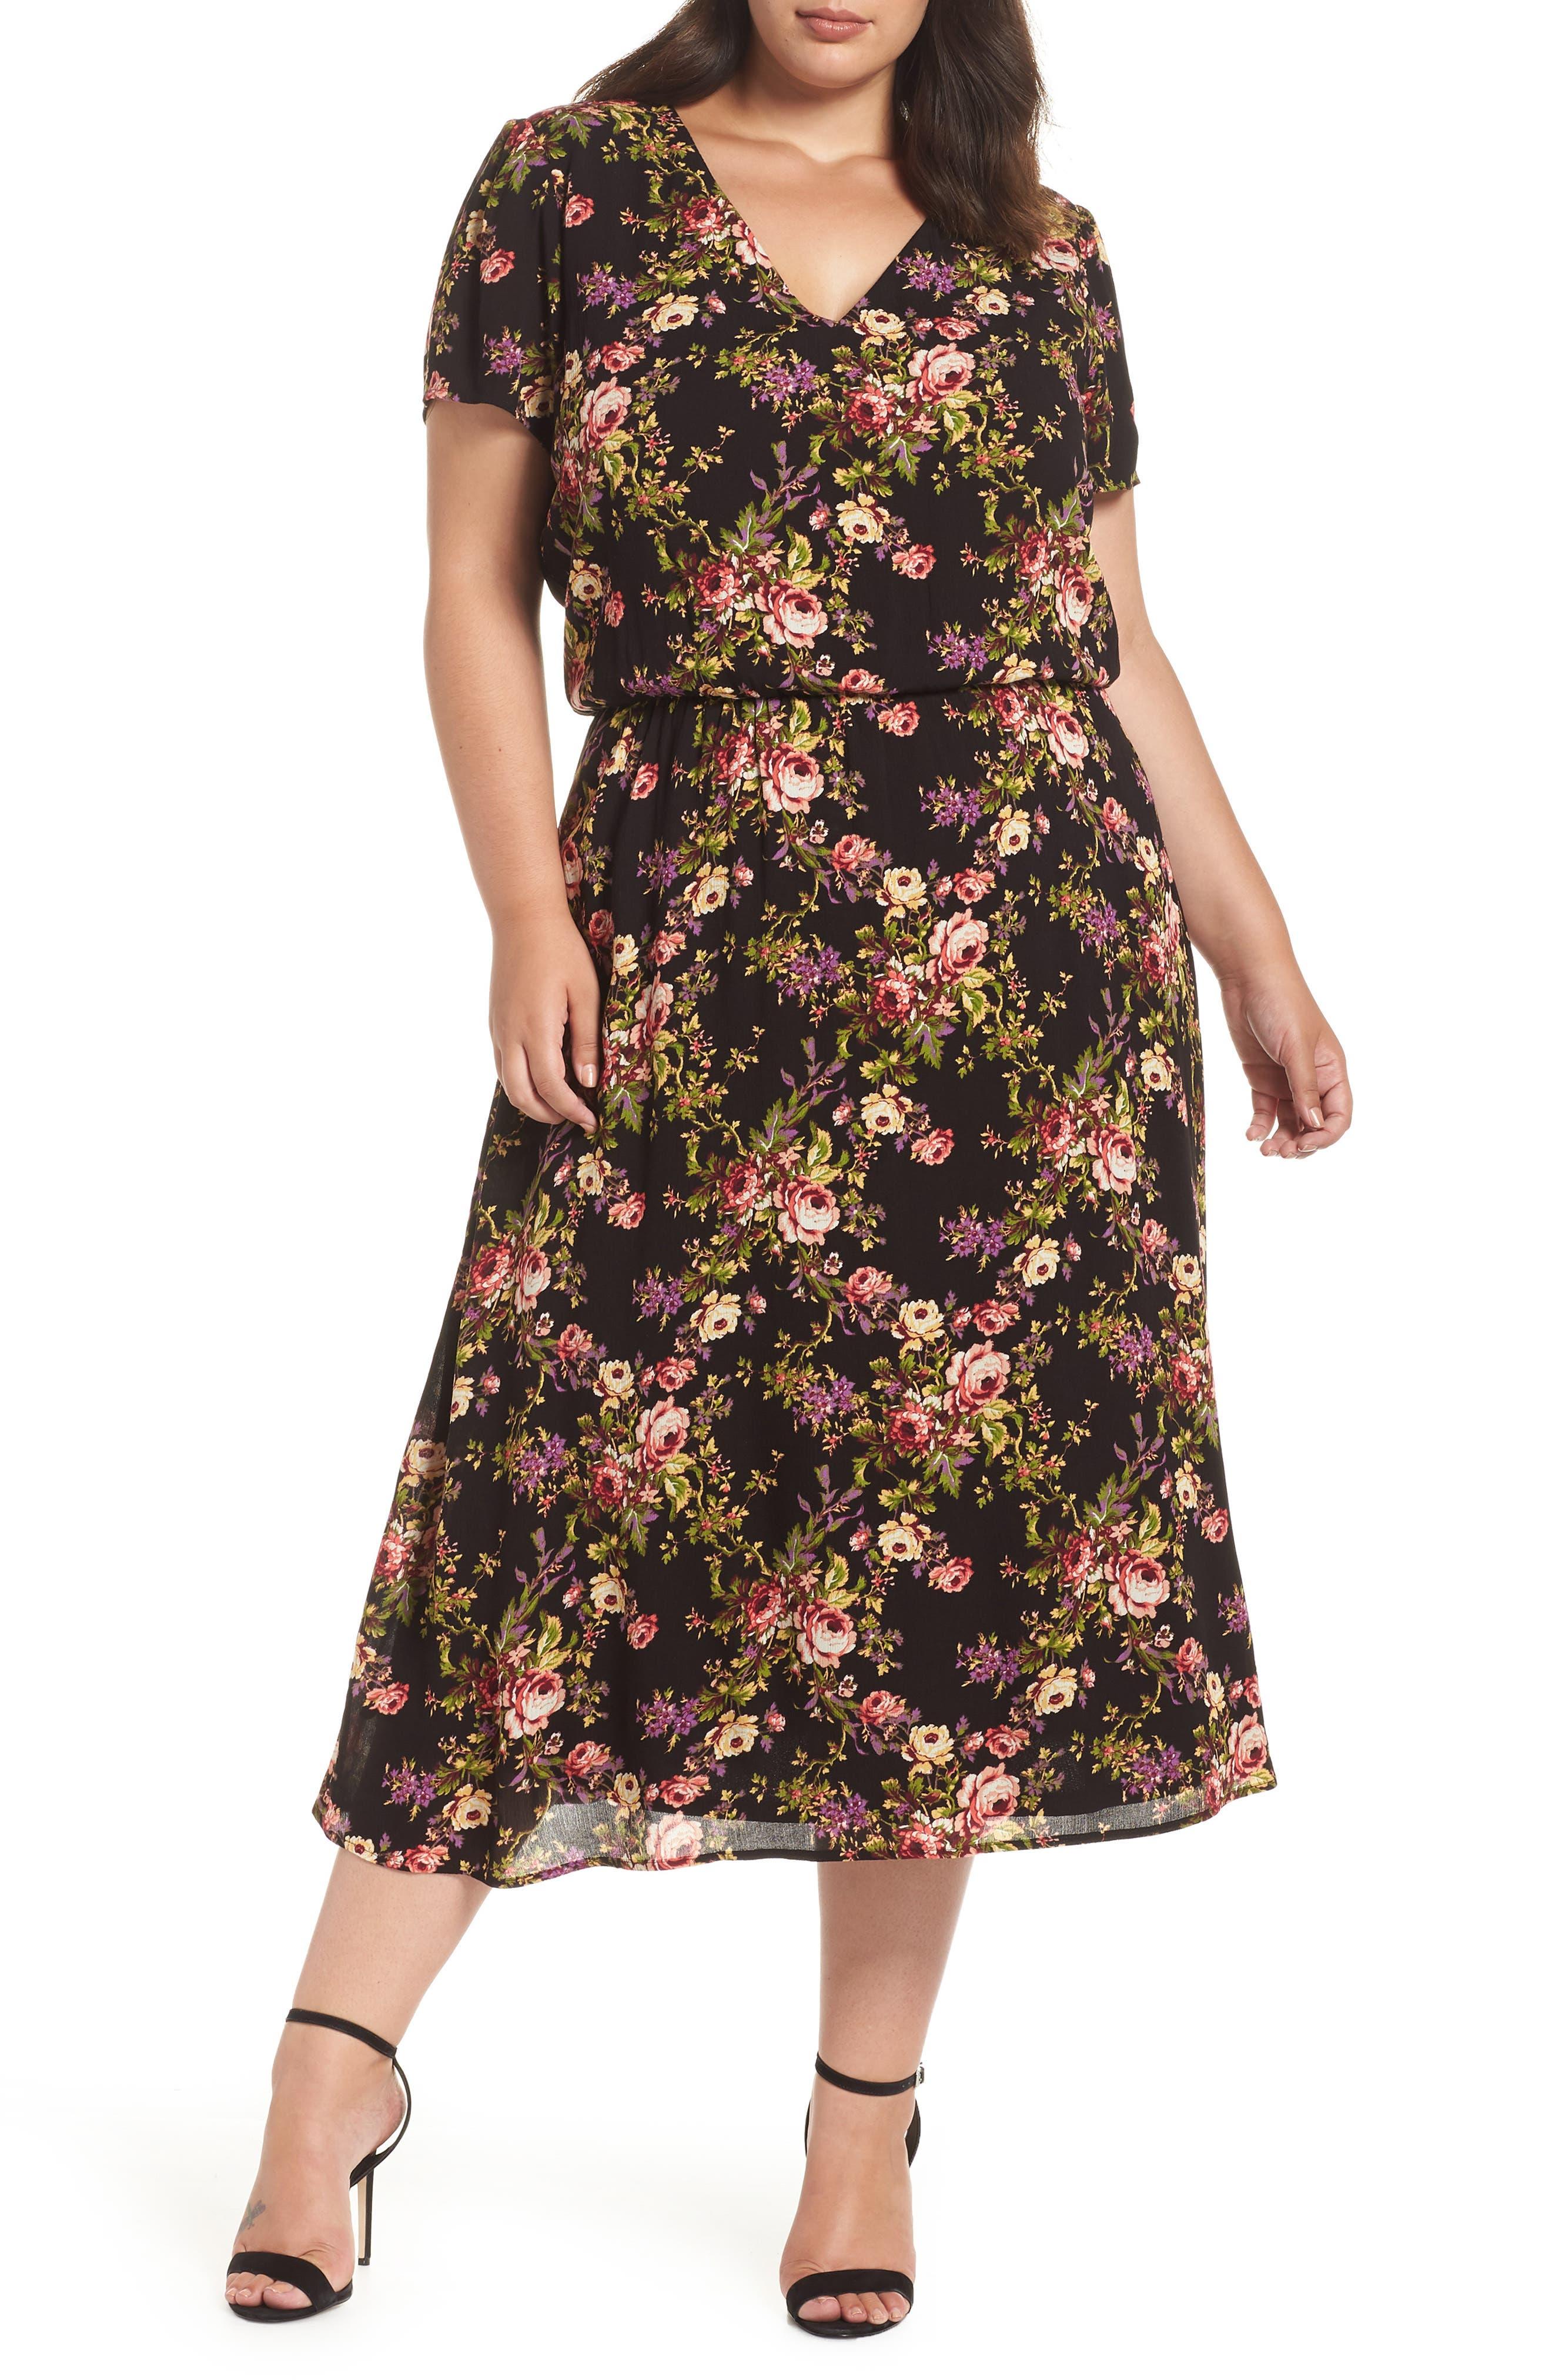 Blouson Midi Dress,                             Main thumbnail 1, color,                             BLACK TAPESTRY FLORAL